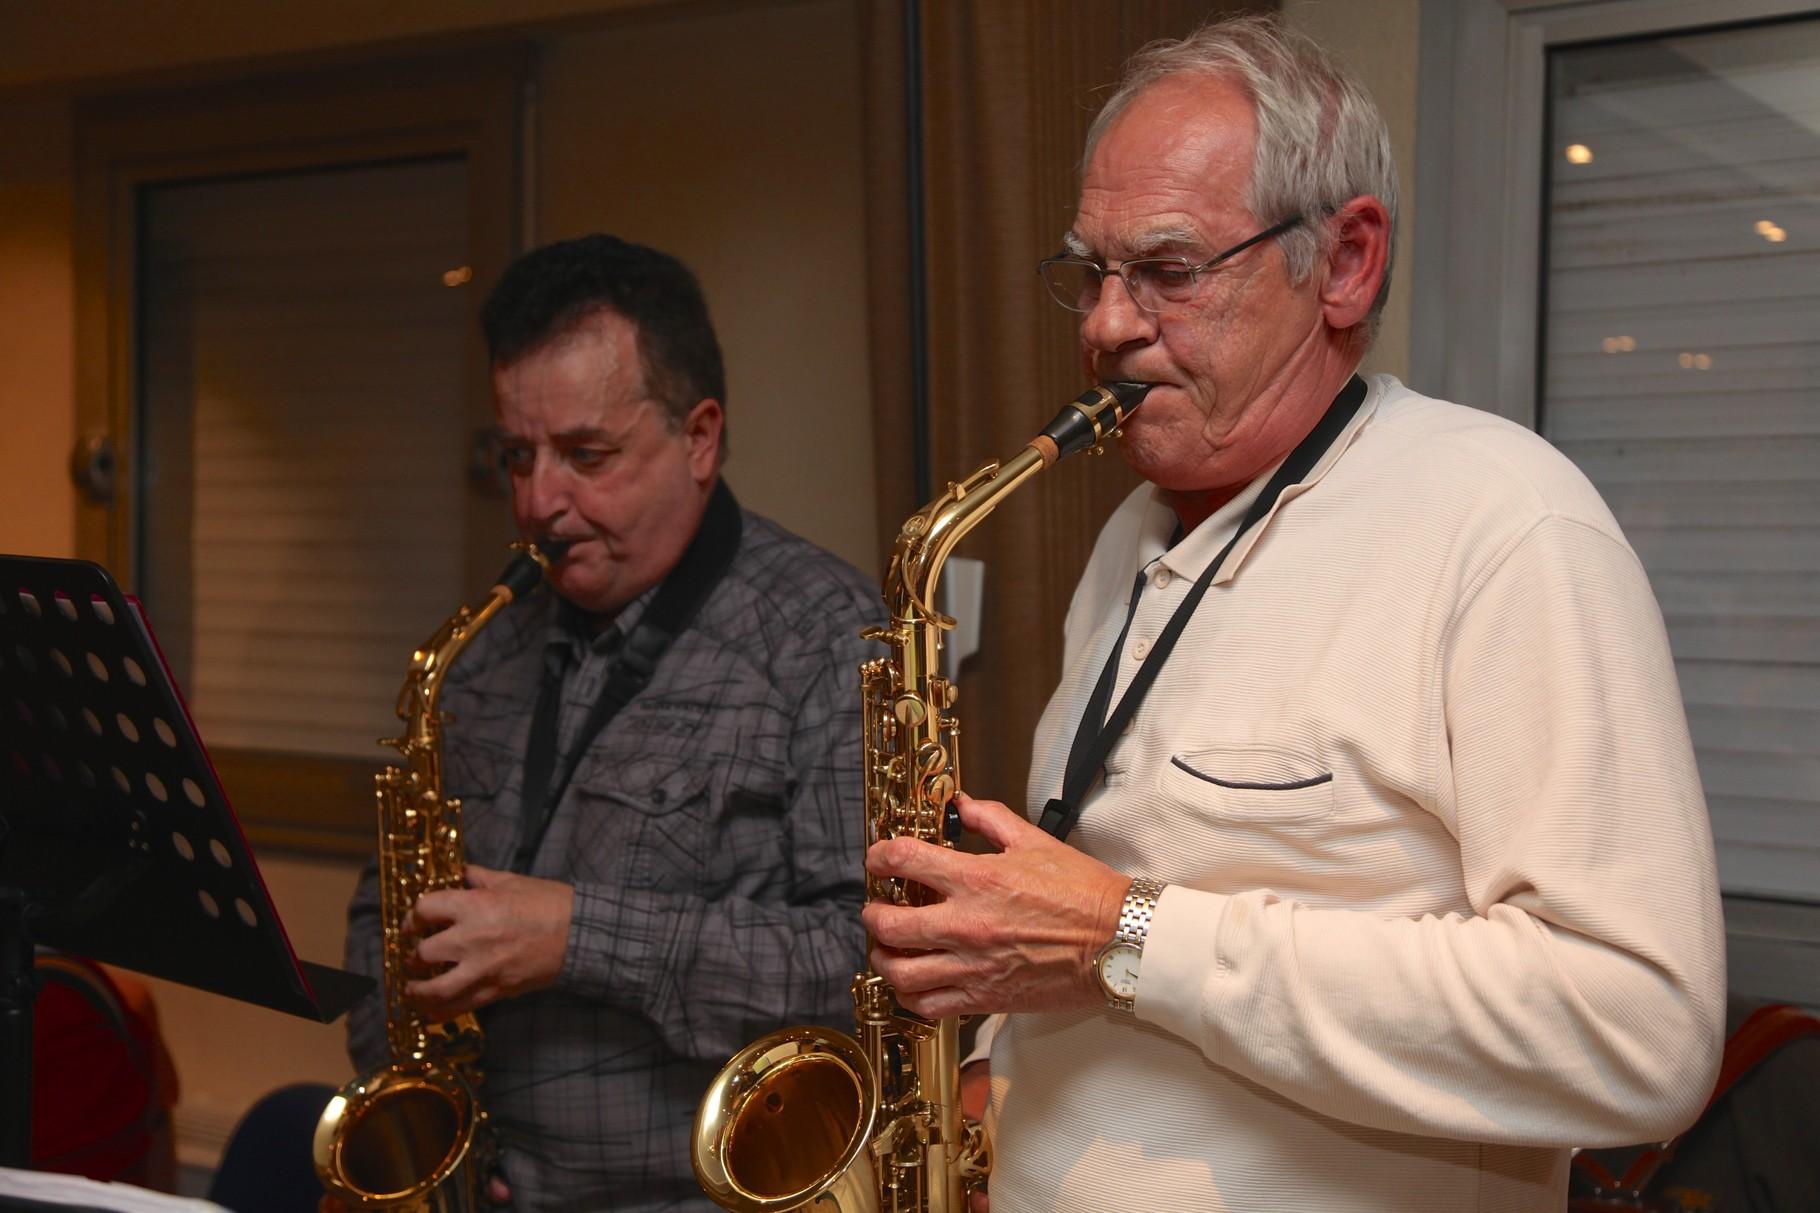 Laurent à droite  Professeur de saxo et de guitare